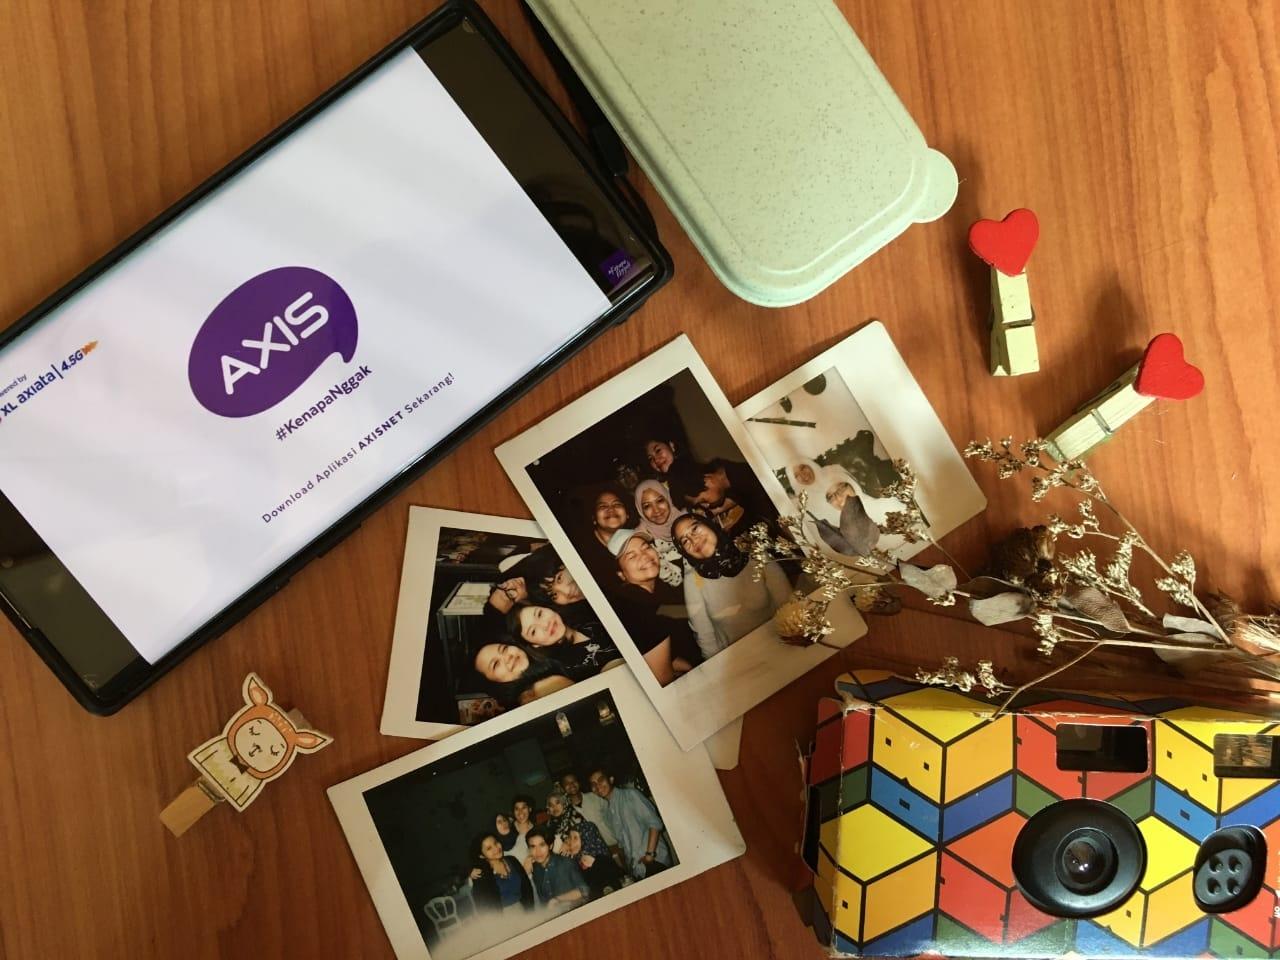 Dengan jaringan internet 4.5G terfiberisasi dari AXIS kamu bisa nikmatin internetan stabil! Buat virtual meet up,  buat nonton drama korea, video call-an sama gebetan, atau bahkan mabar sama temen-temen kamu! Kamu bisa melakukan apapun yang kamu mau dengan jaringan 4.5G terfiberisasi dari AXIS. Klik disini ya untuk caritahu lebih lanjut!